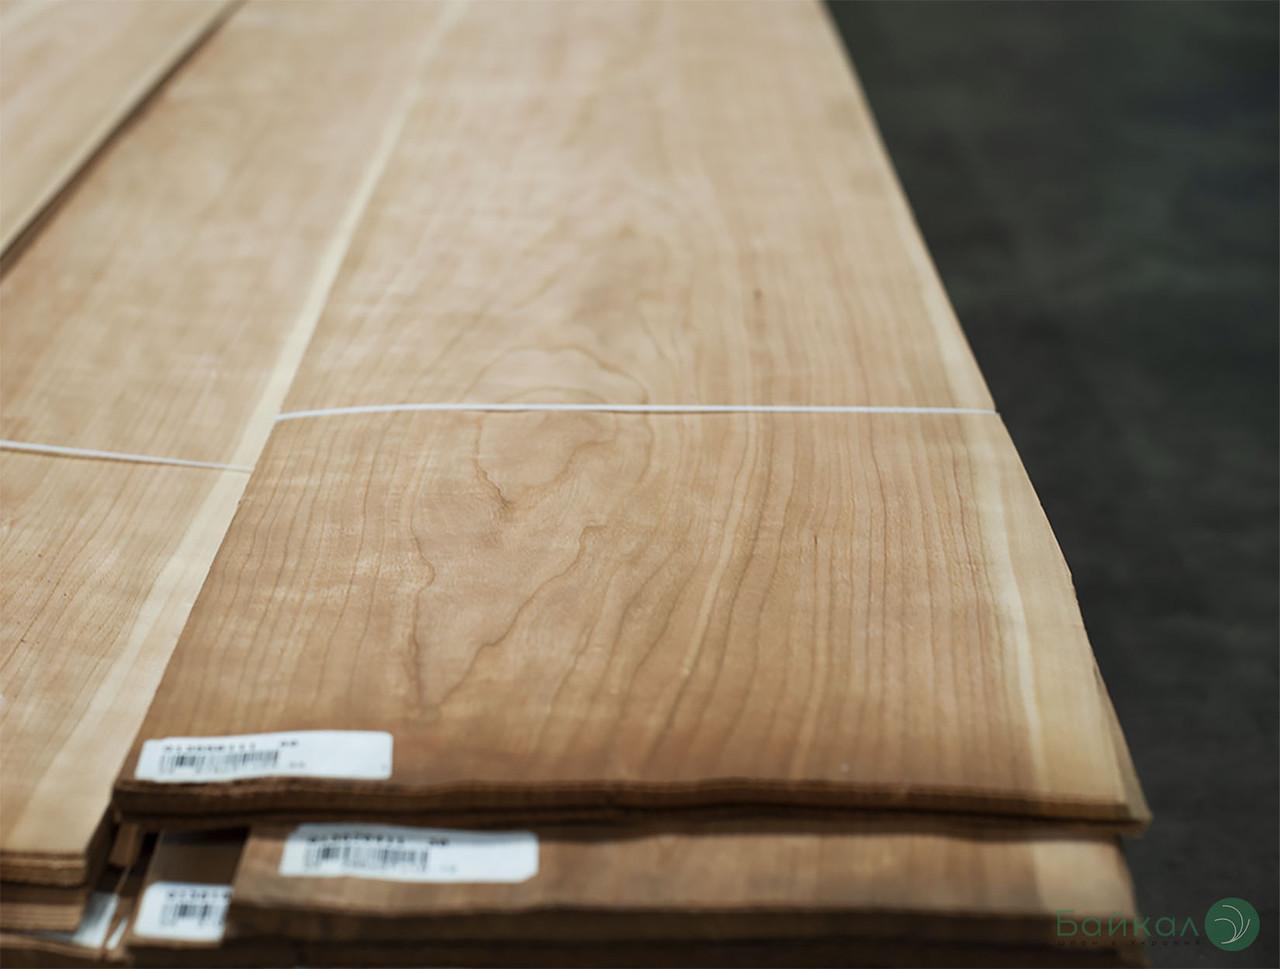 Шпон Вишня Американська - 0,6 мм - довжина від 2 до 3.80 м / ширина від 10 см+ (I гатунок)